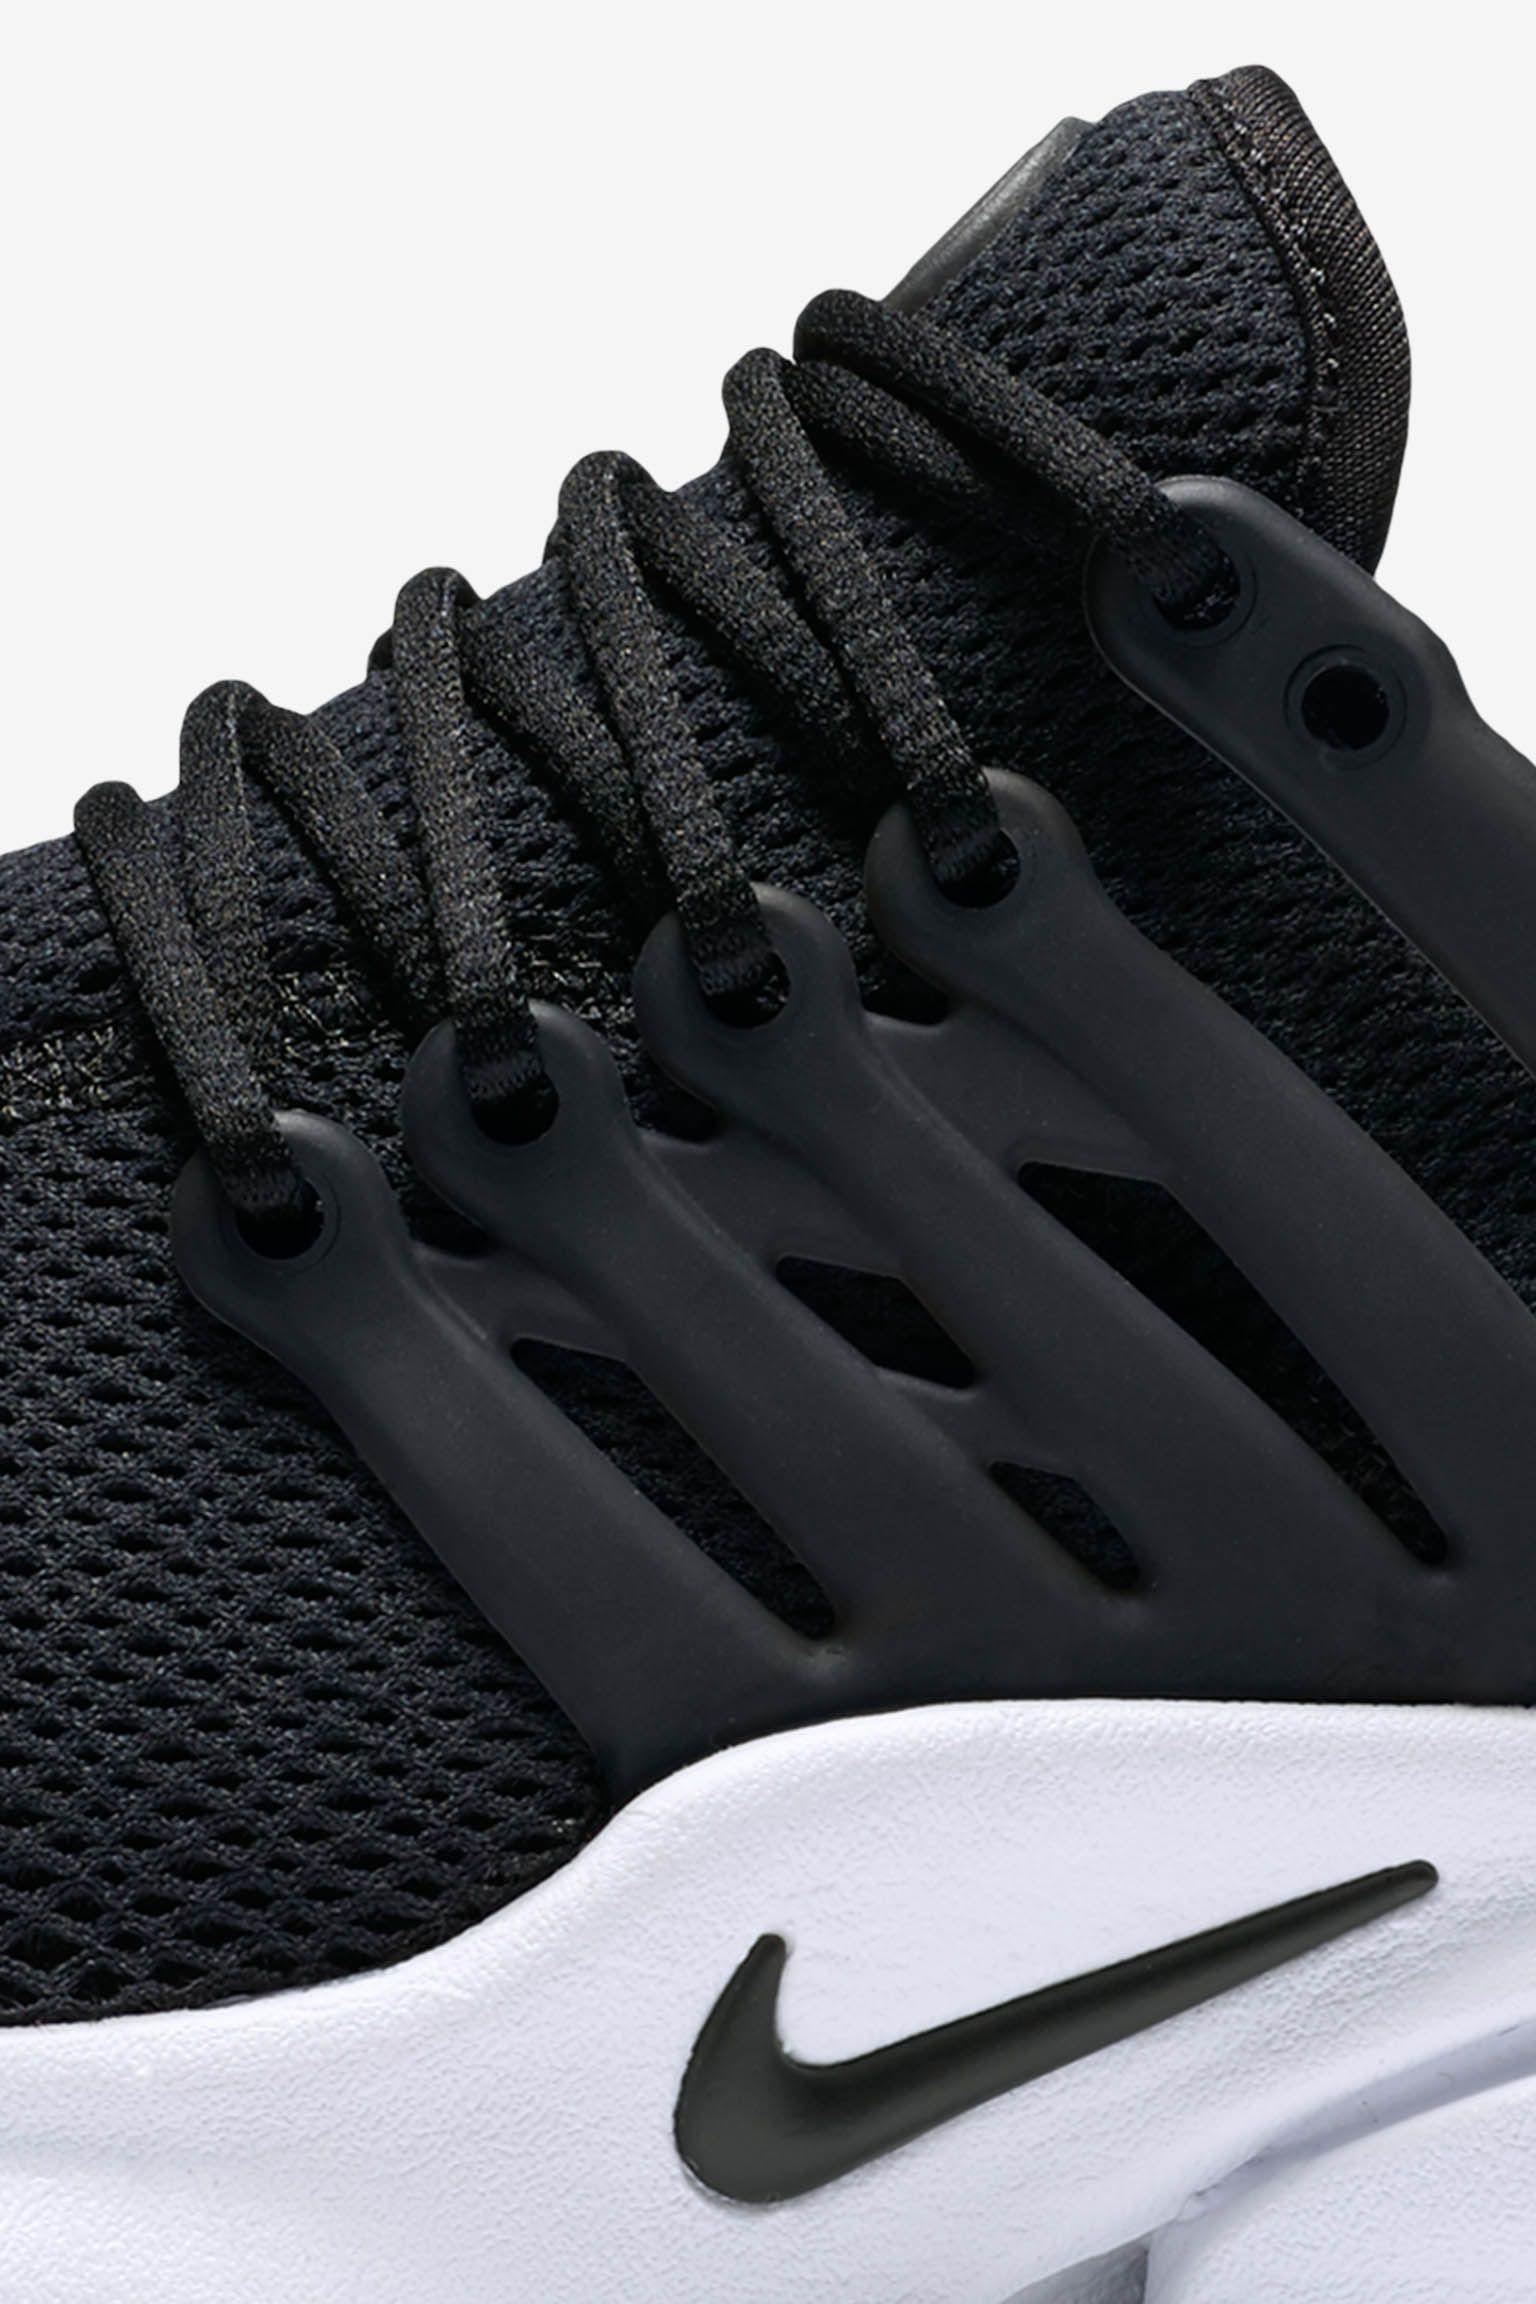 Women's Nike Air Presto 'Black & White' Release Date